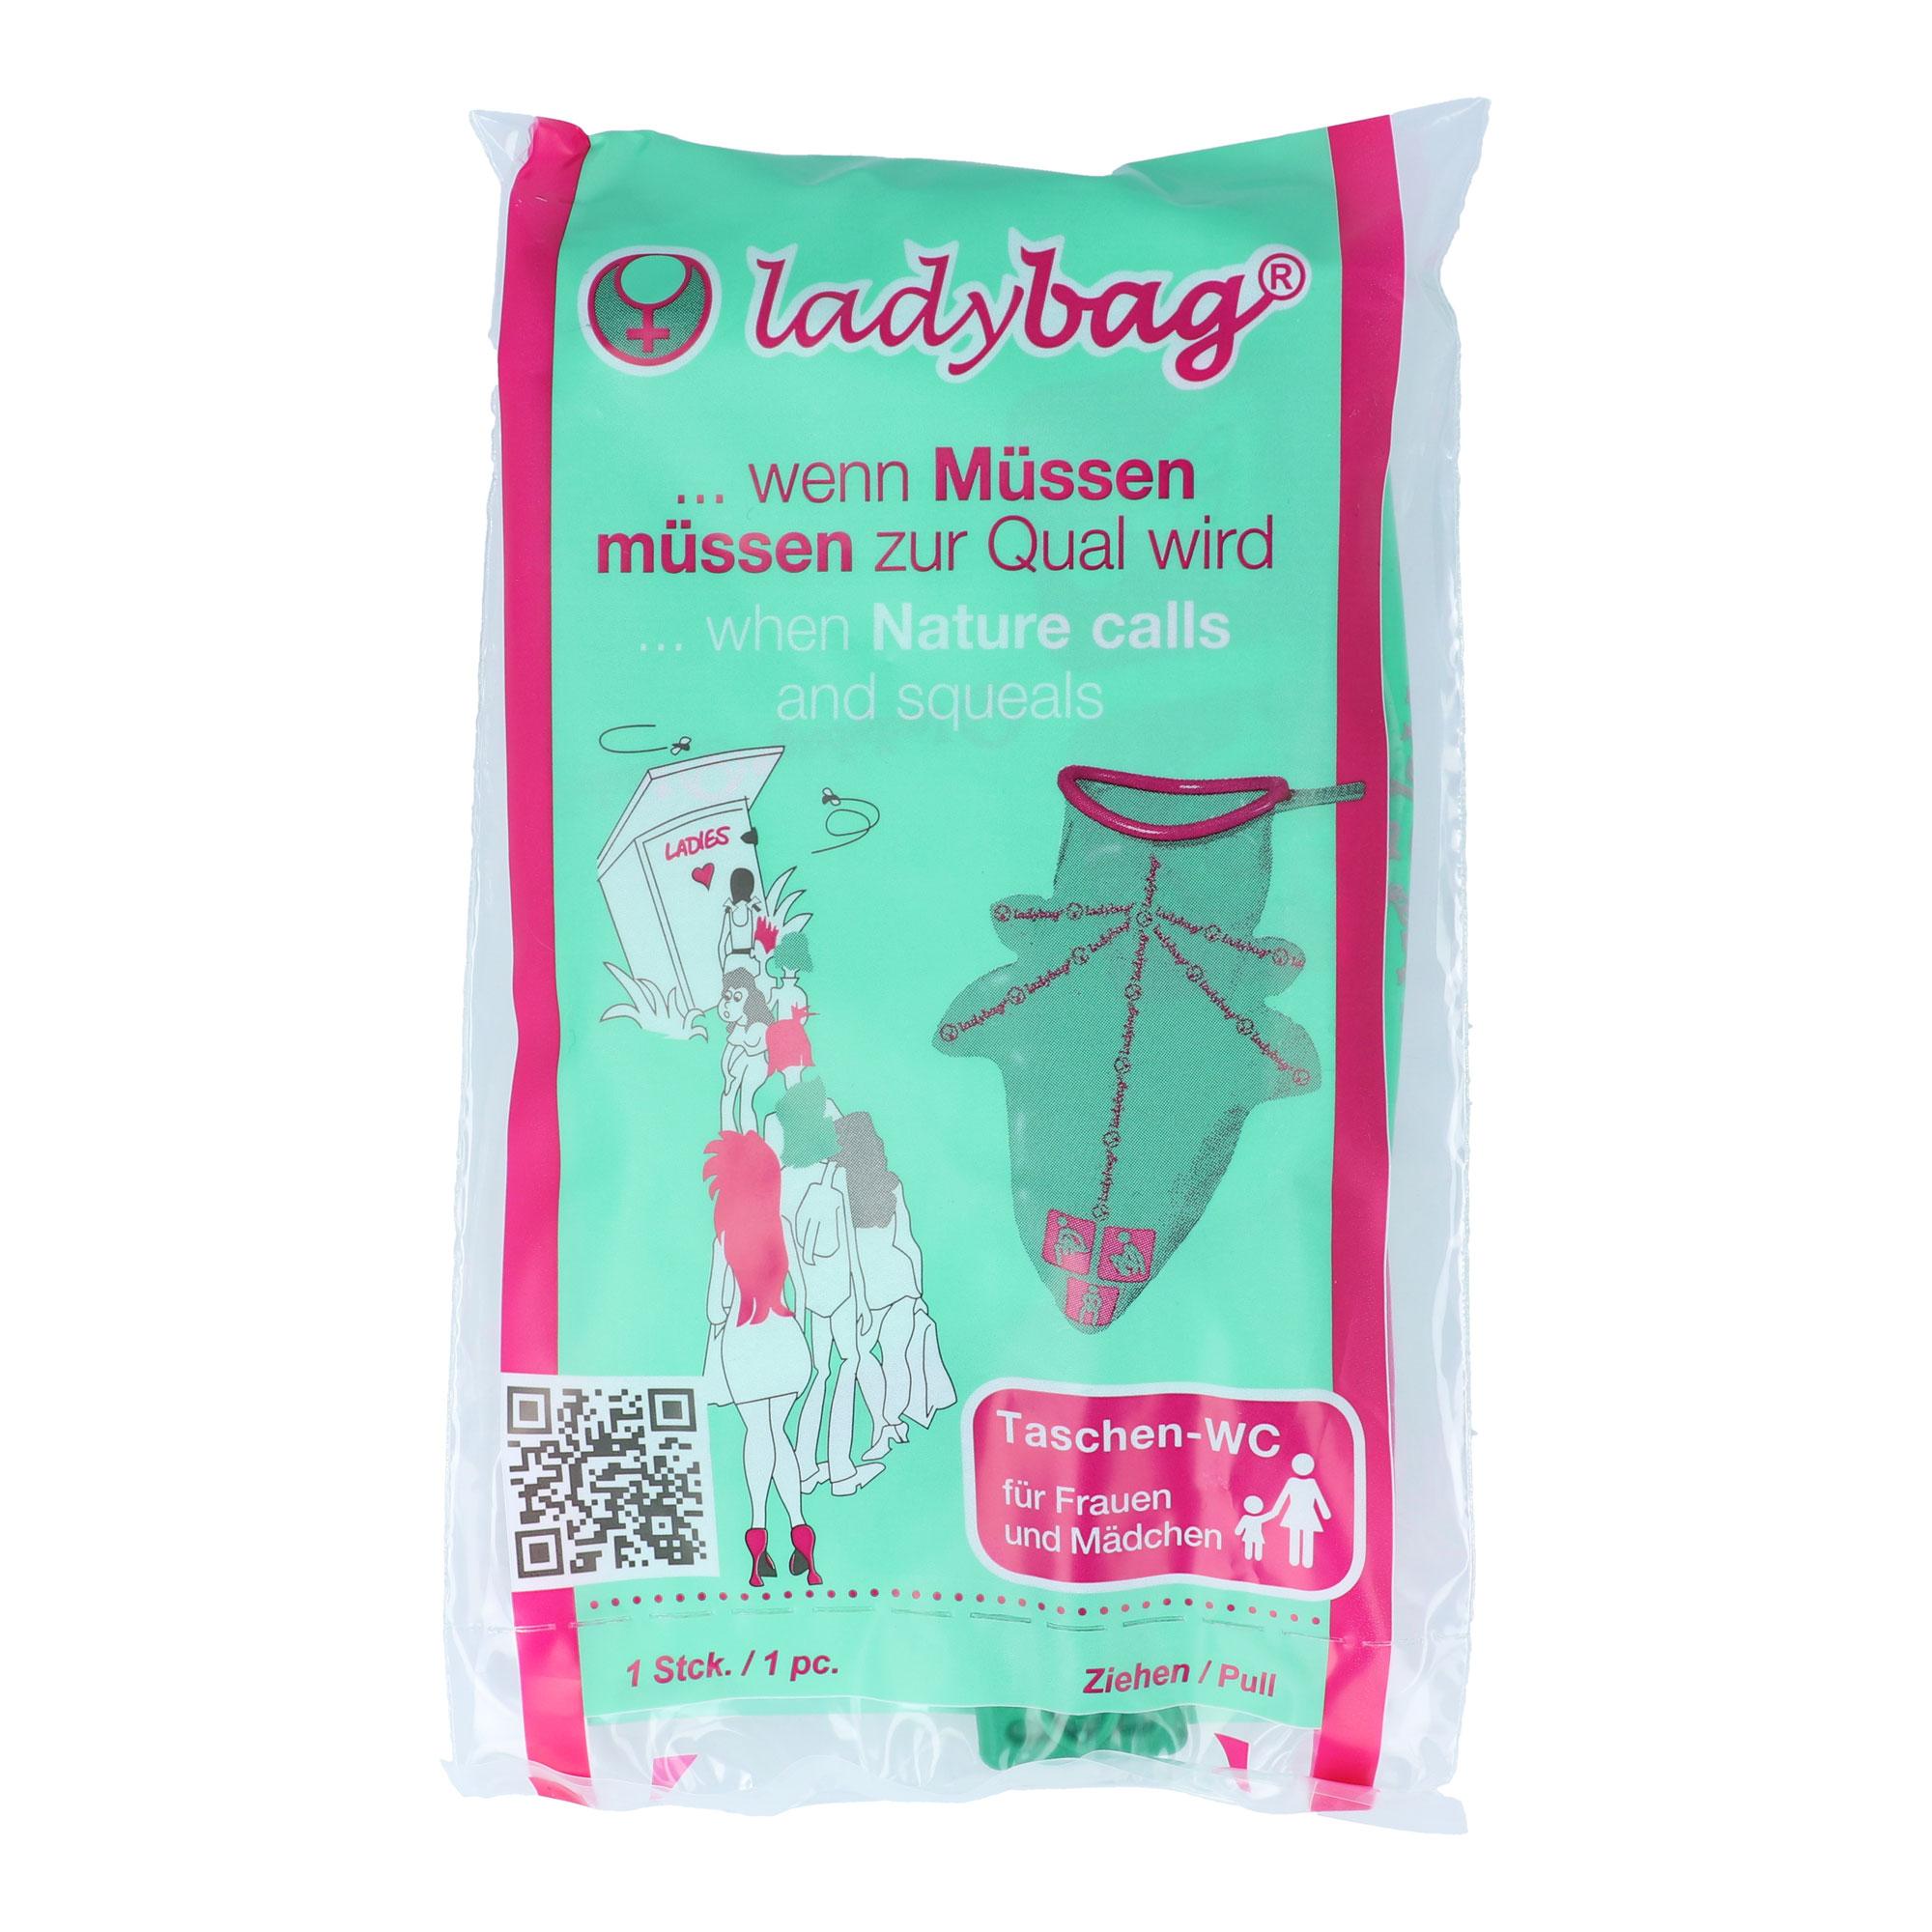 Ladybag Taschen-WC für Frauen